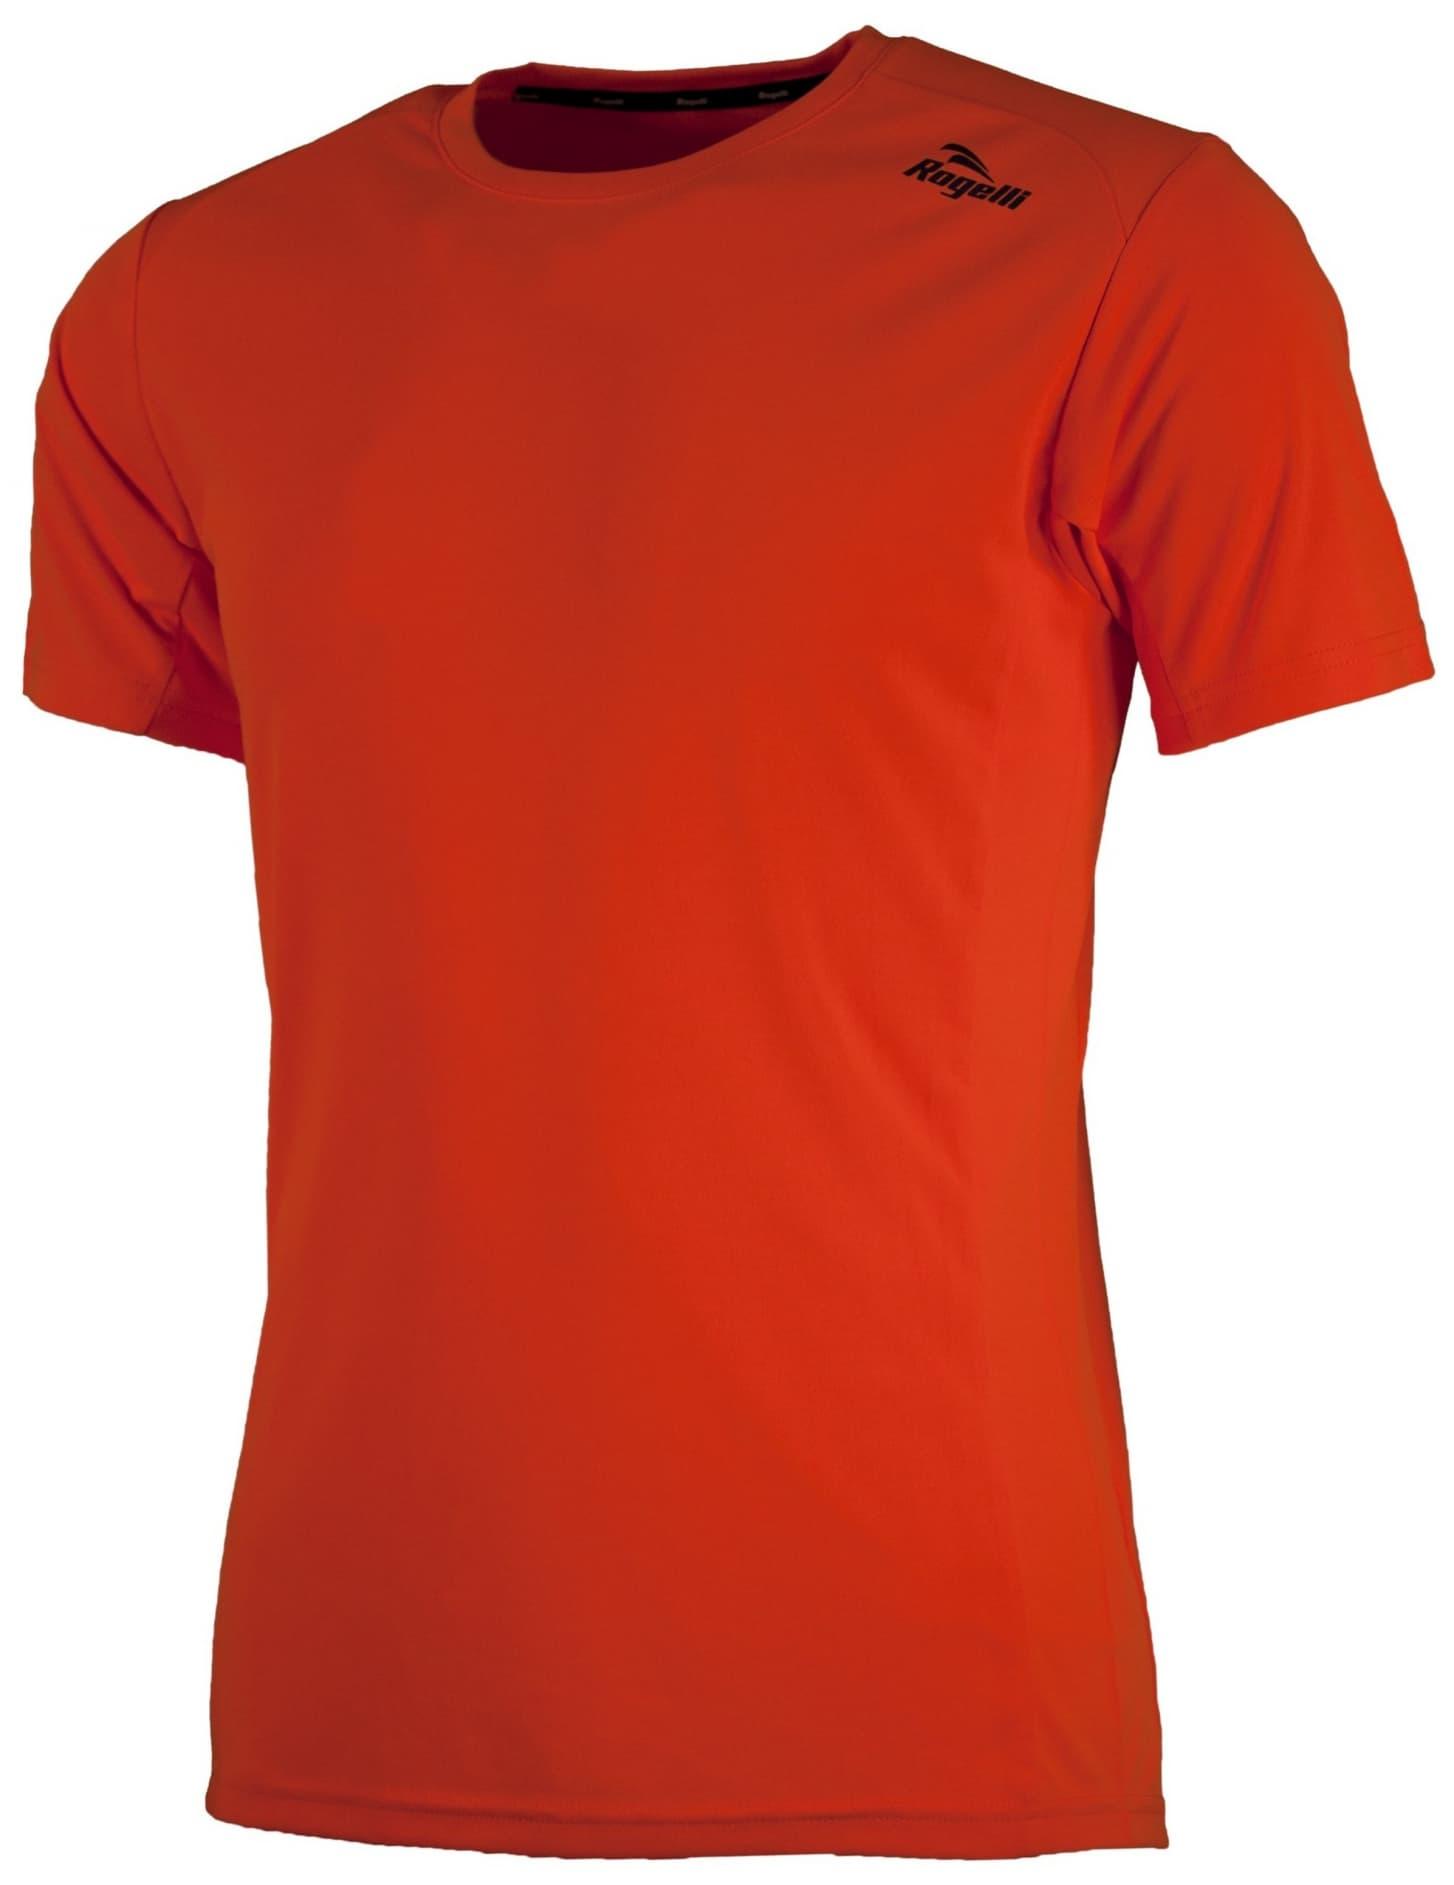 85ebc9da5 Športové funkčné tričko Rogelli BASIC z hladkého materiálu, oranžové ...